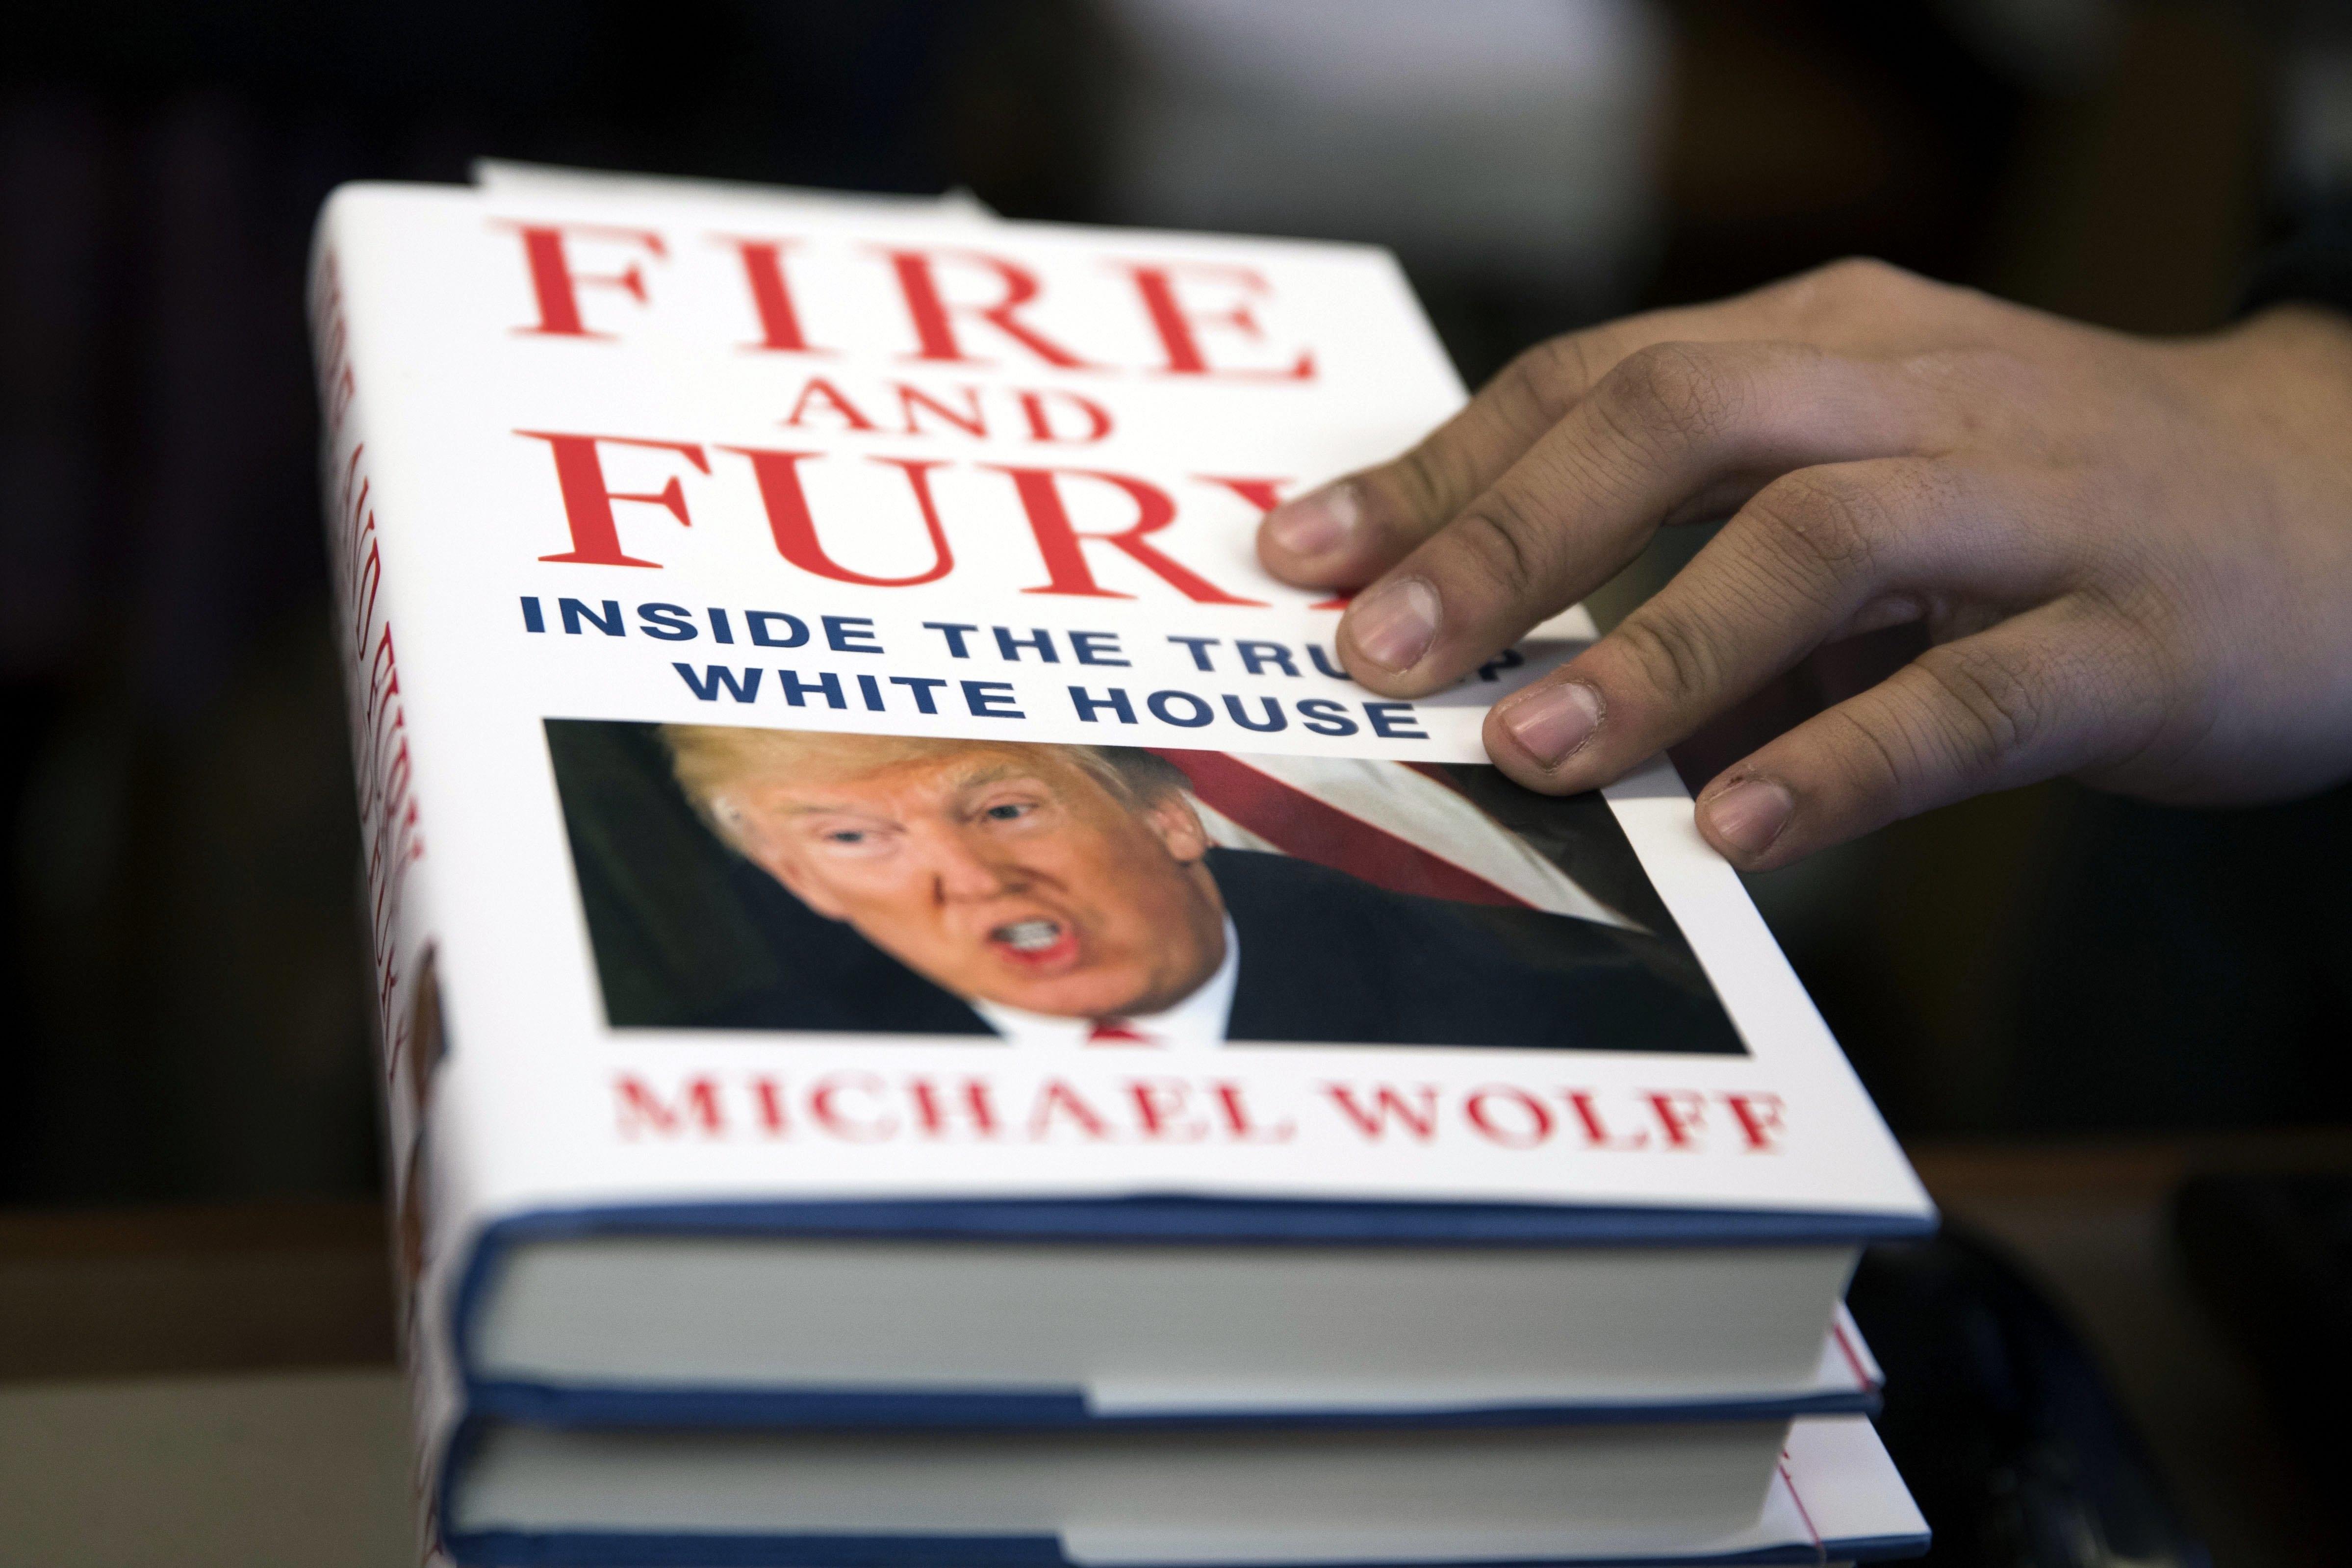 Trump esperava sair derrotado nas eleições de 2016 conta o livro de Wolff